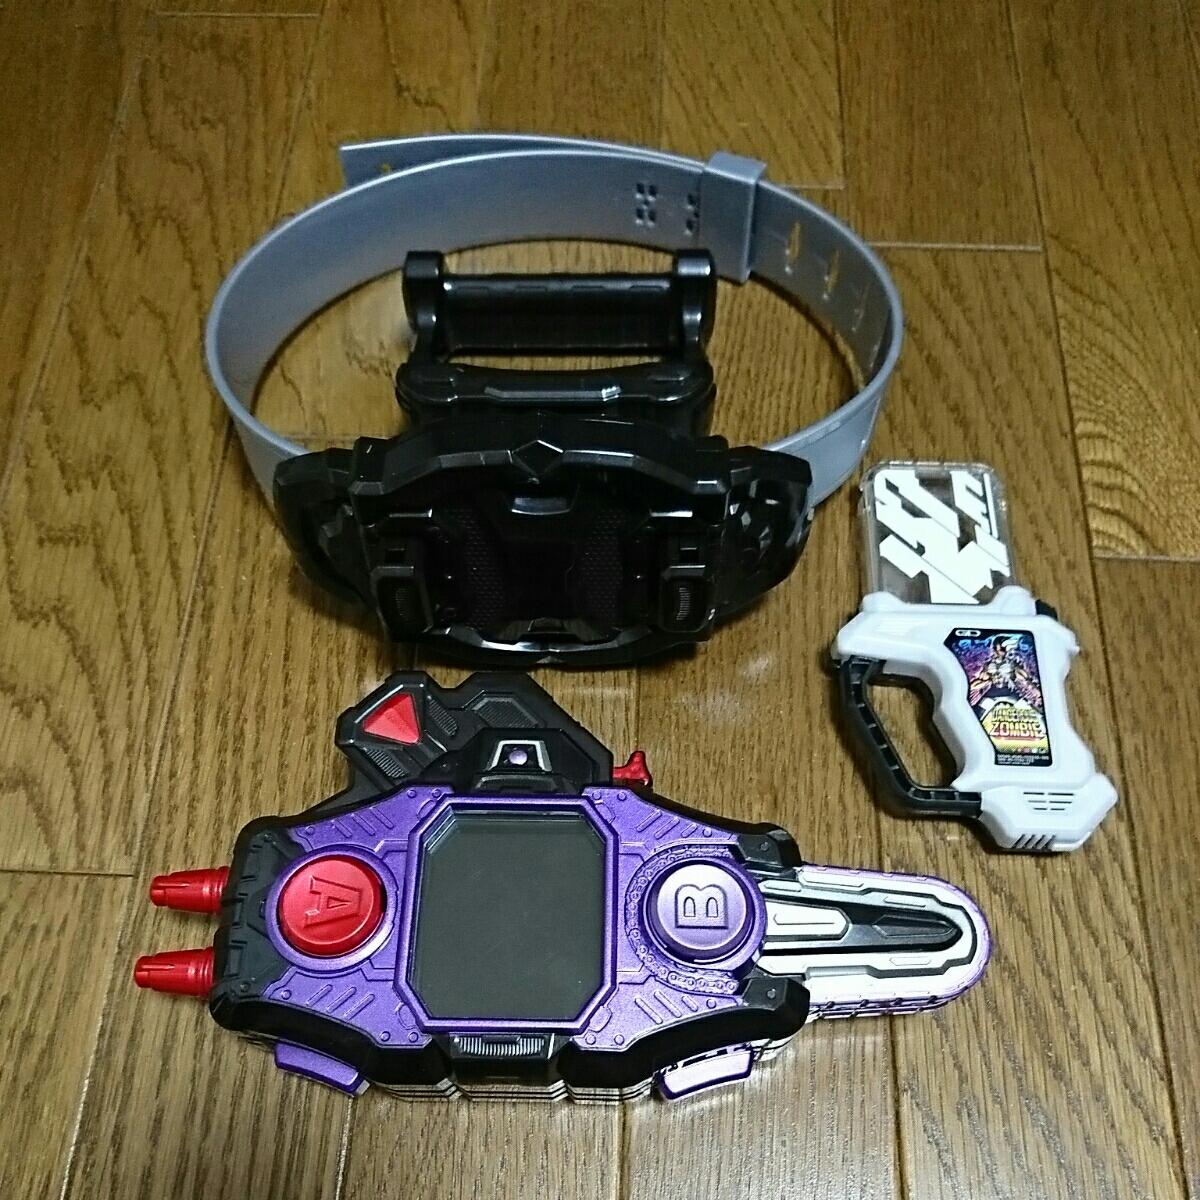 仮面ライダー エグゼイド DX バグルドライバー デンジャラスゾンビ ガシャト なりきり 変身 ベルト まとめて セット 発送可 大量 出品中